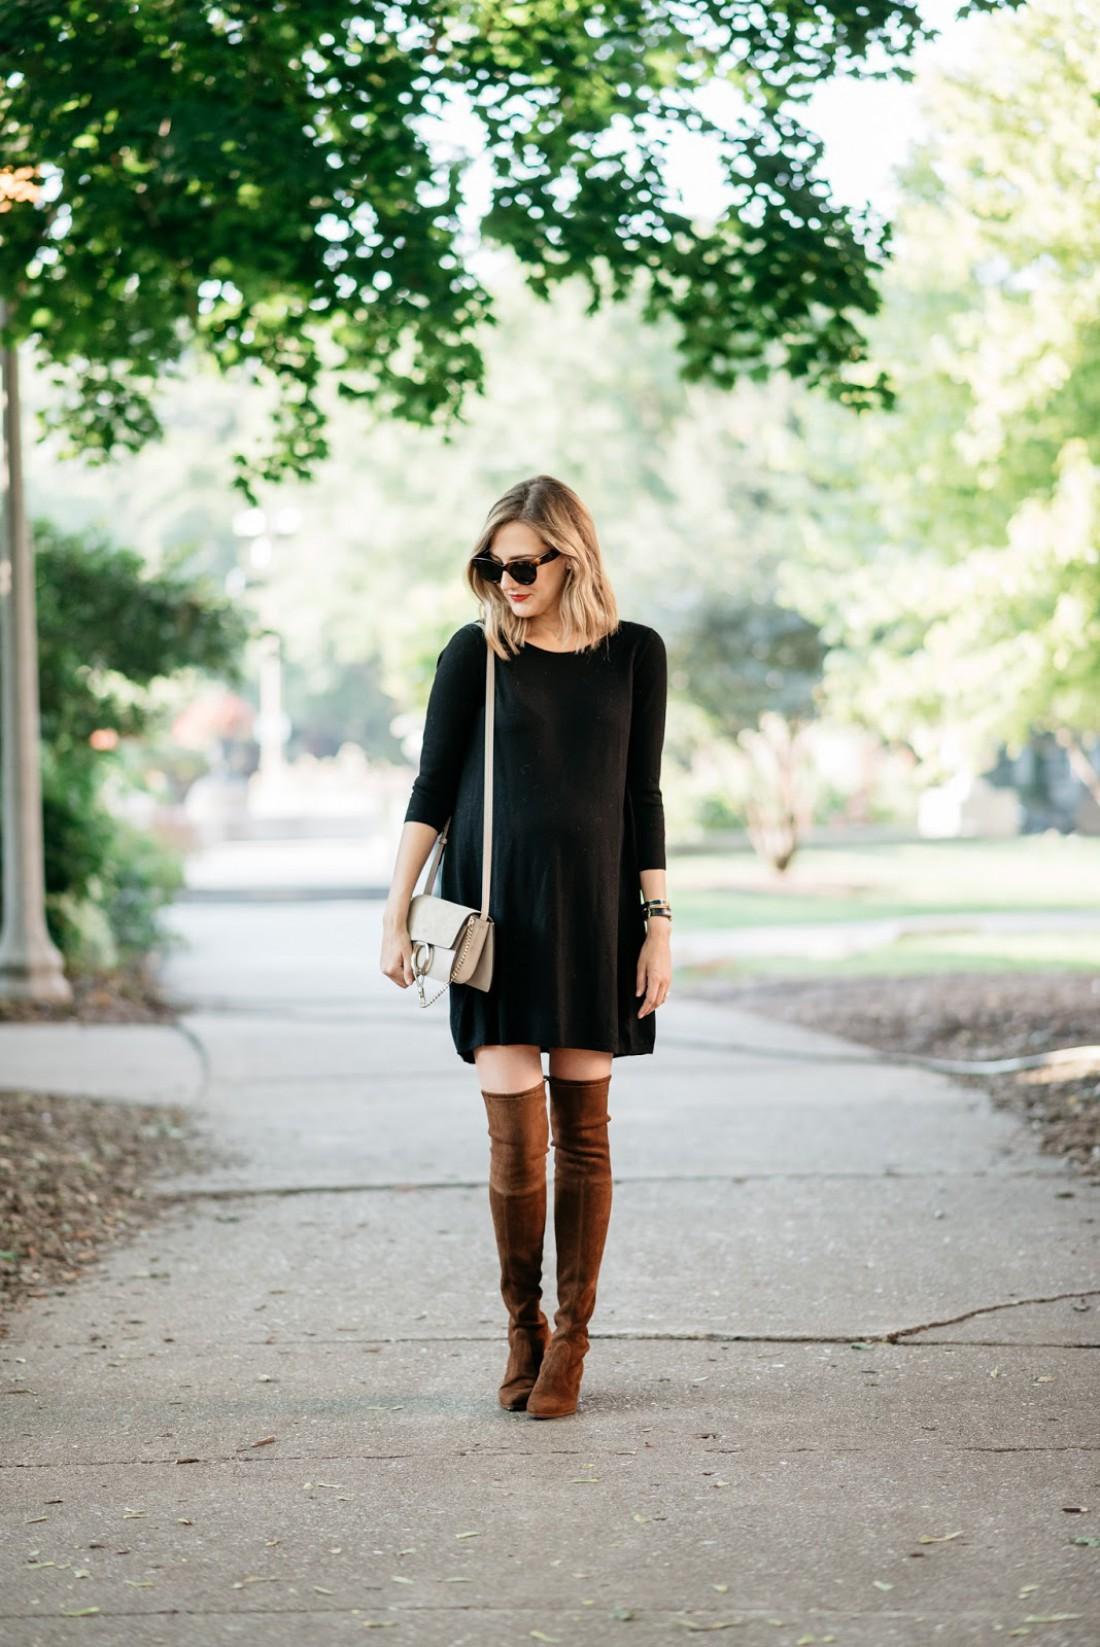 Черное платье + замшевые ботфорты